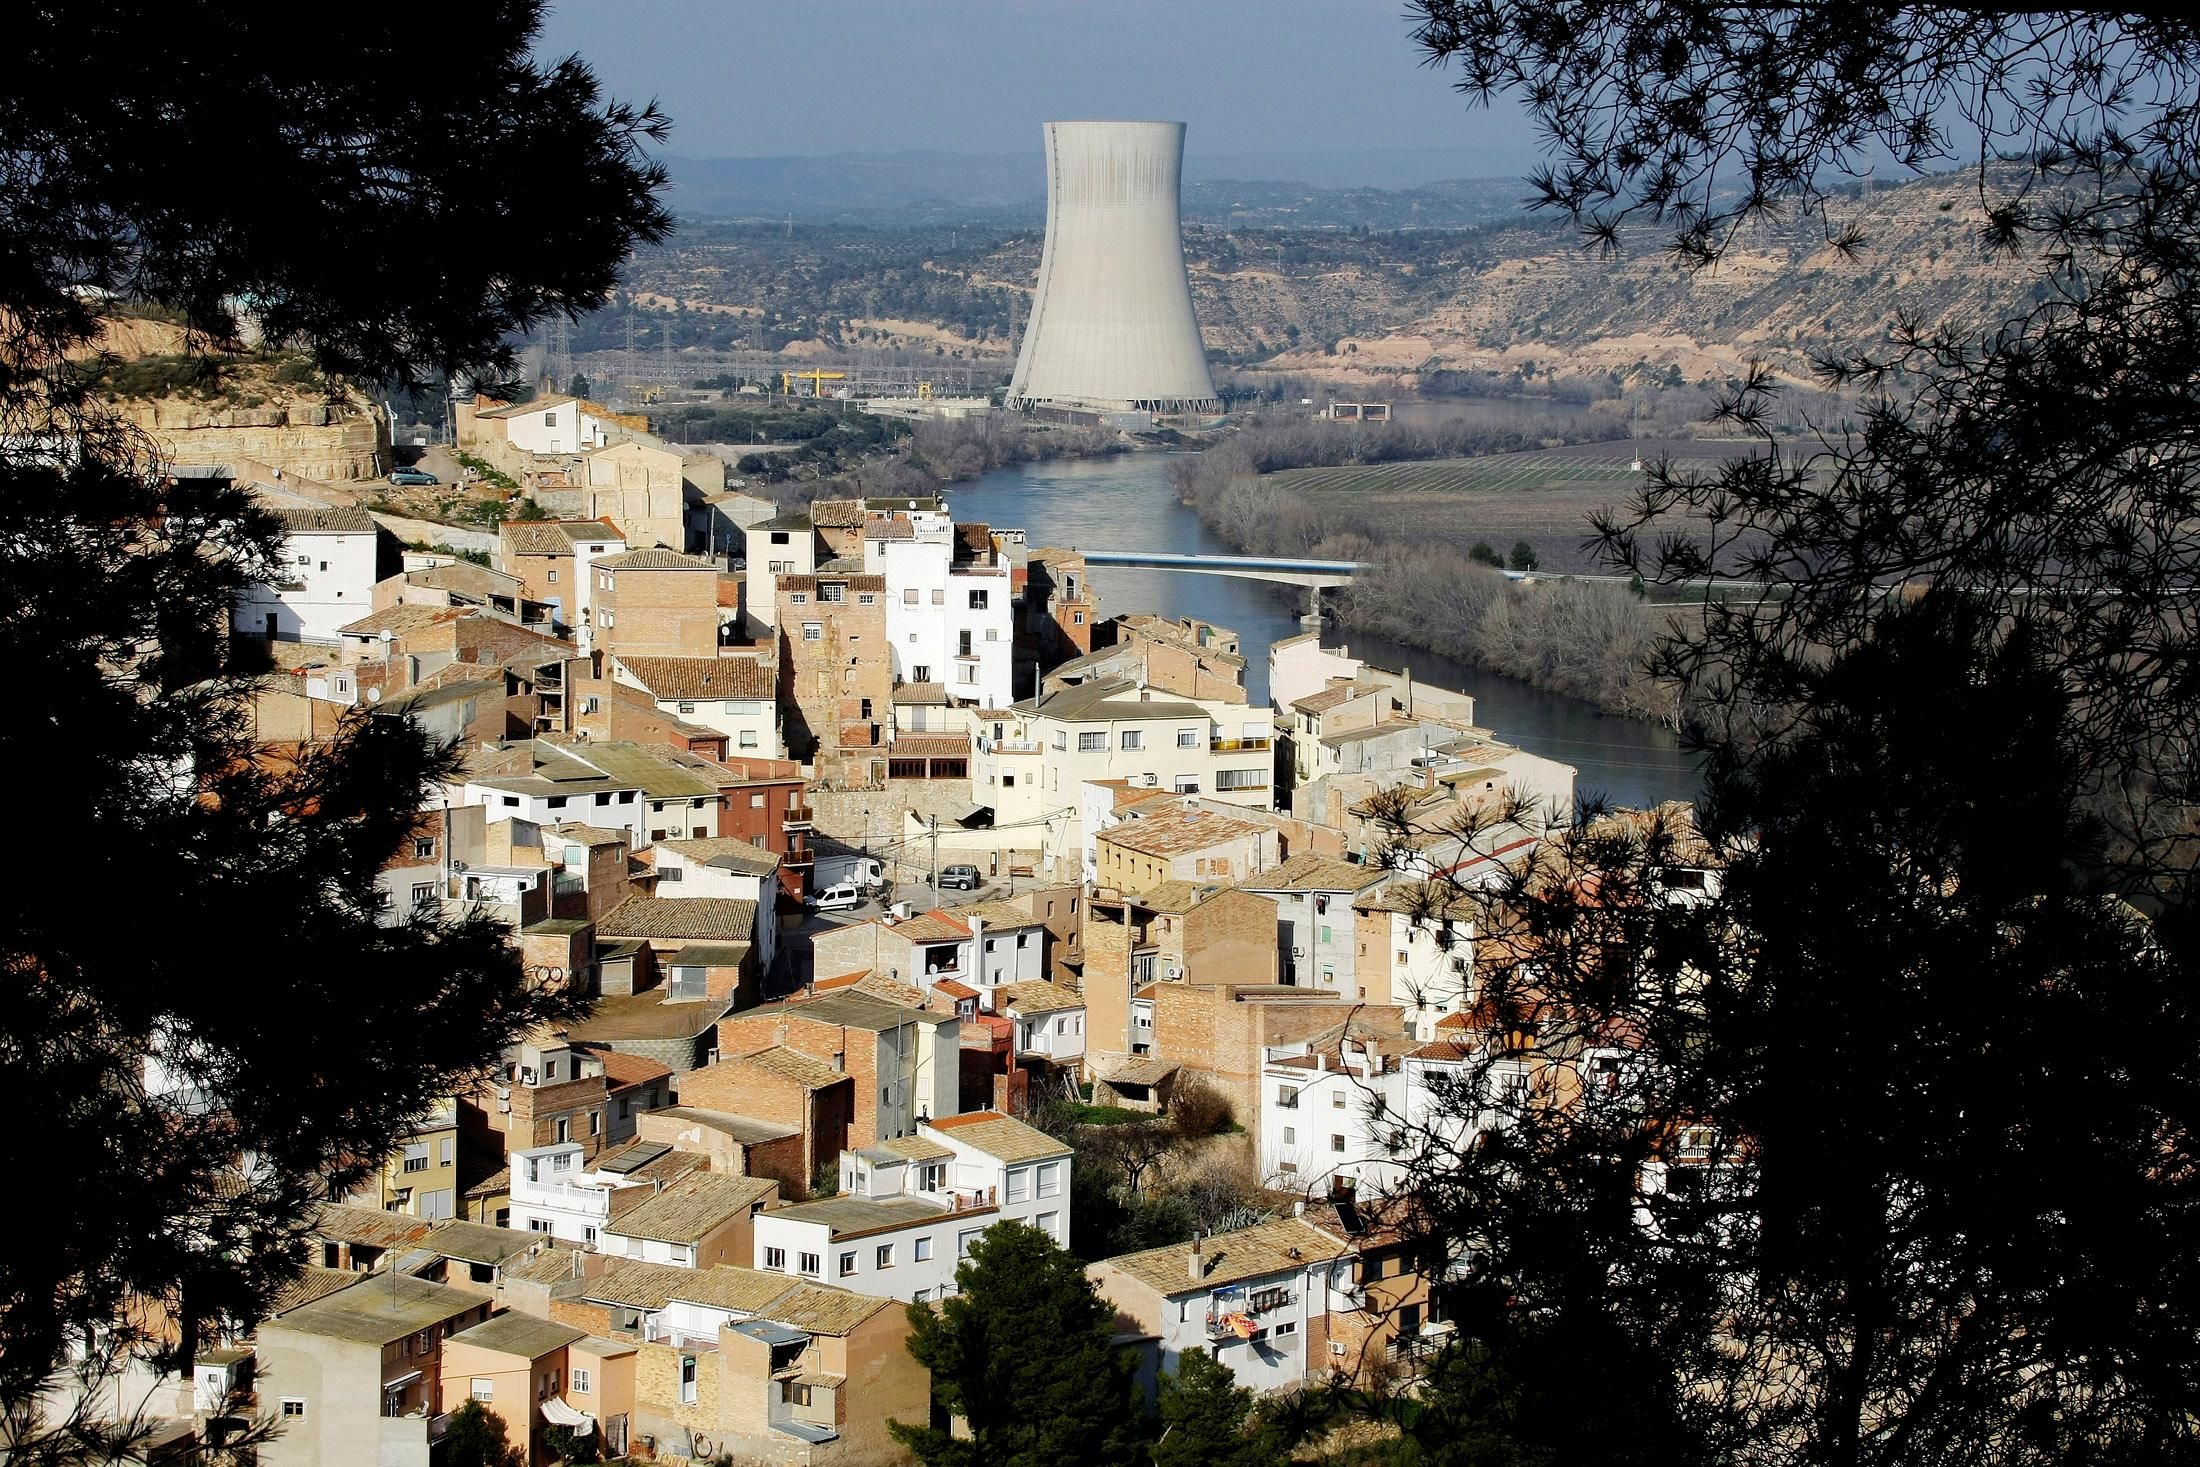 Spanien planerar att fasa ut kärnkraften